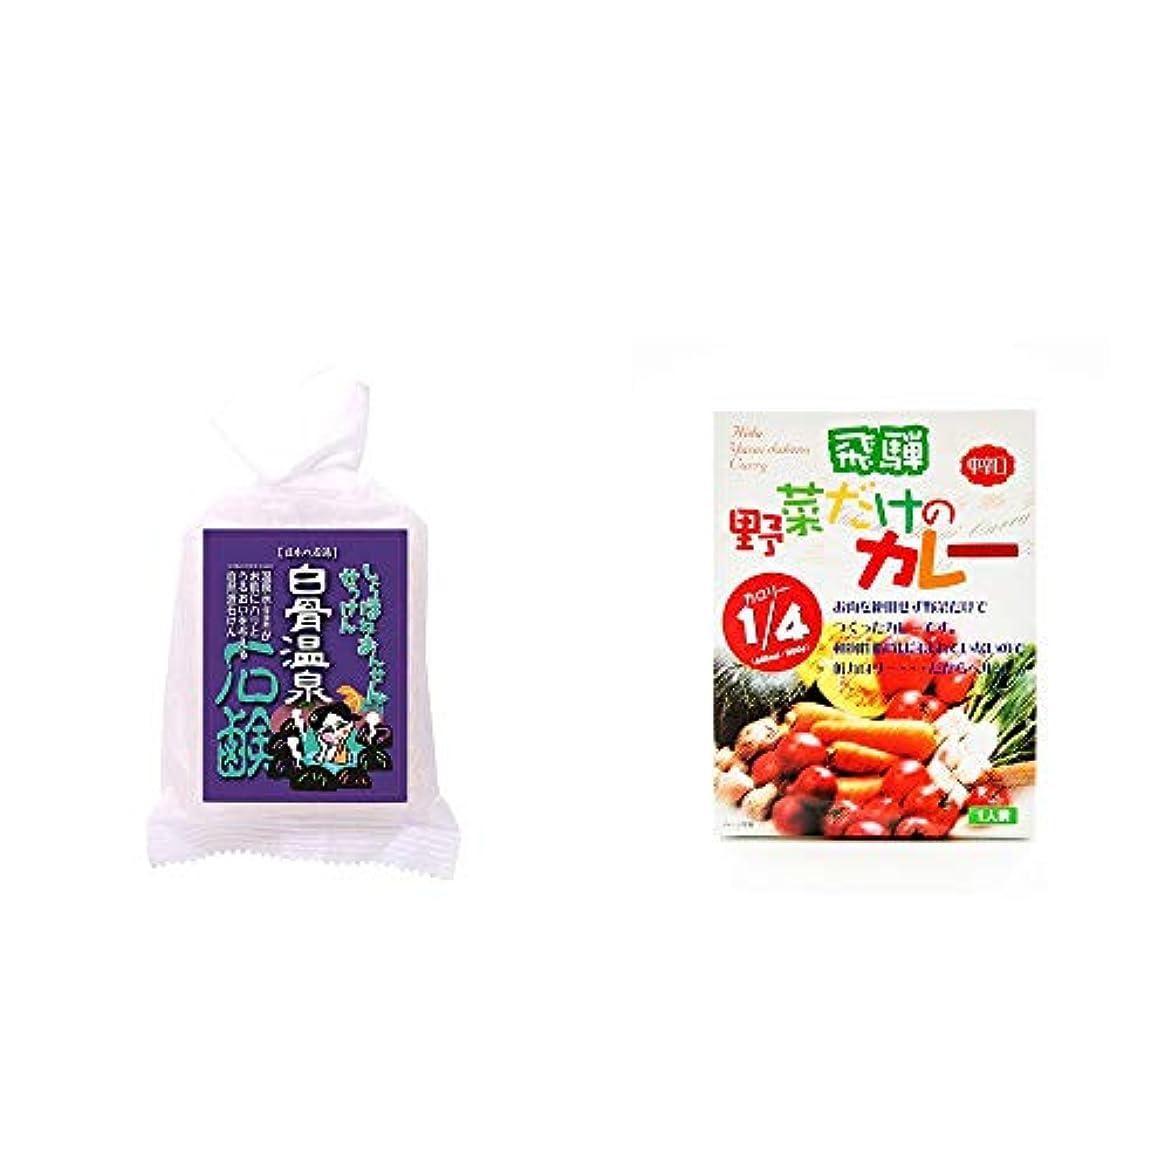 [2点セット] 信州 白骨温泉石鹸(80g)?天領食品 野菜だけのカレー 【中辛口】 (1食分)